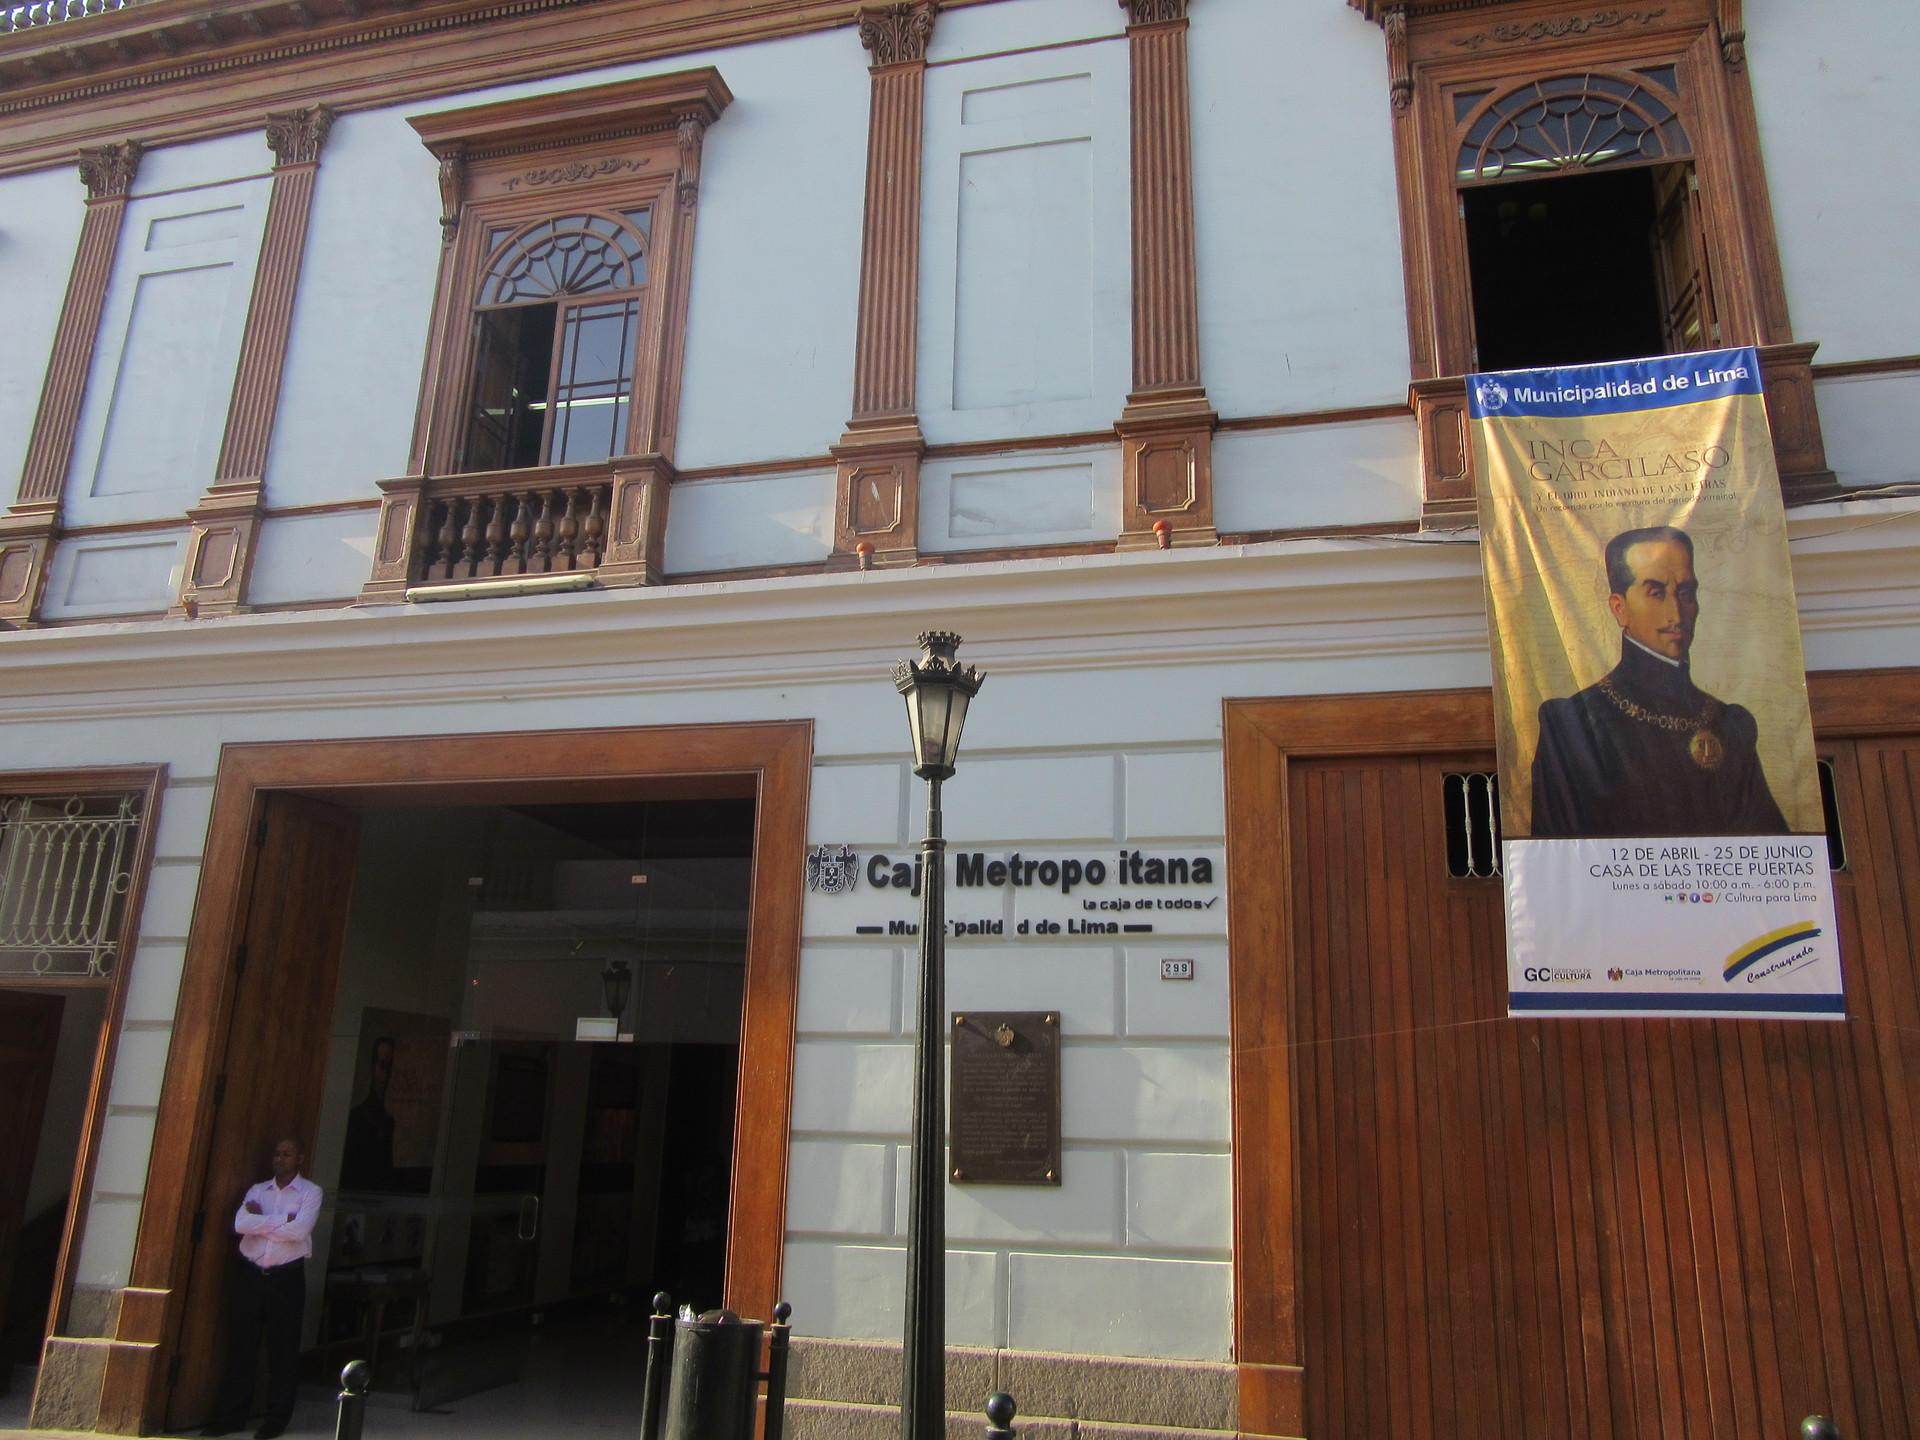 una-galeria-arte-gratuita-centro-lima-3c